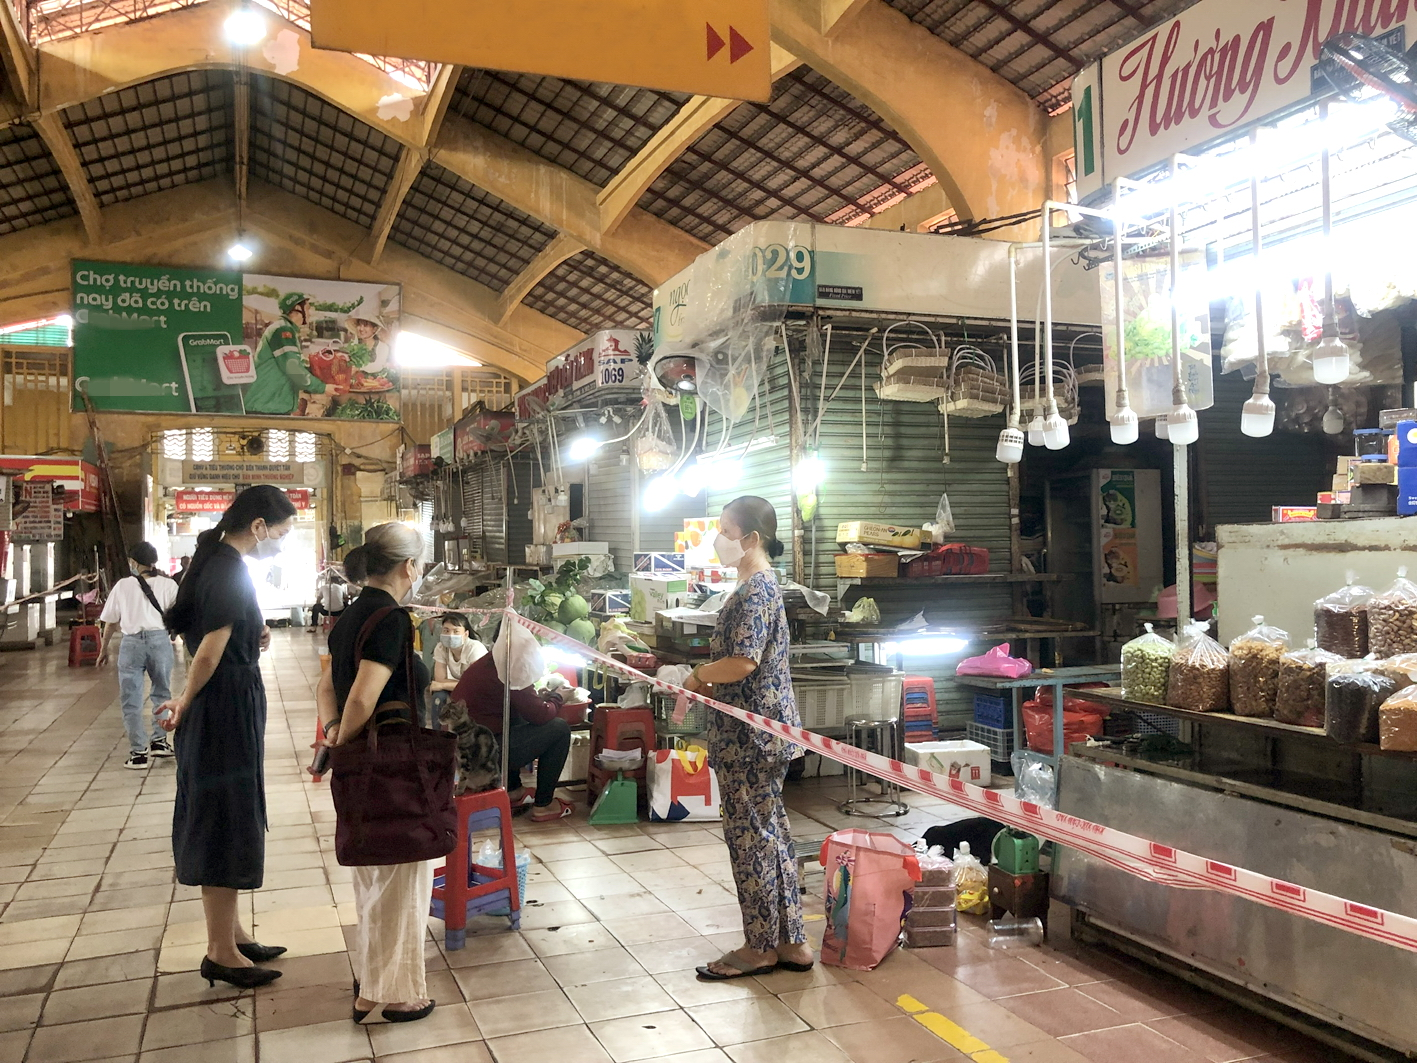 Nhiều sạp bán bánh kẹo, mứt chợ Bến Thành (Q.1, TP.HCM) vẫn đóng cửa, chỉ một số ít tiểu thương mở bán cầm chừng